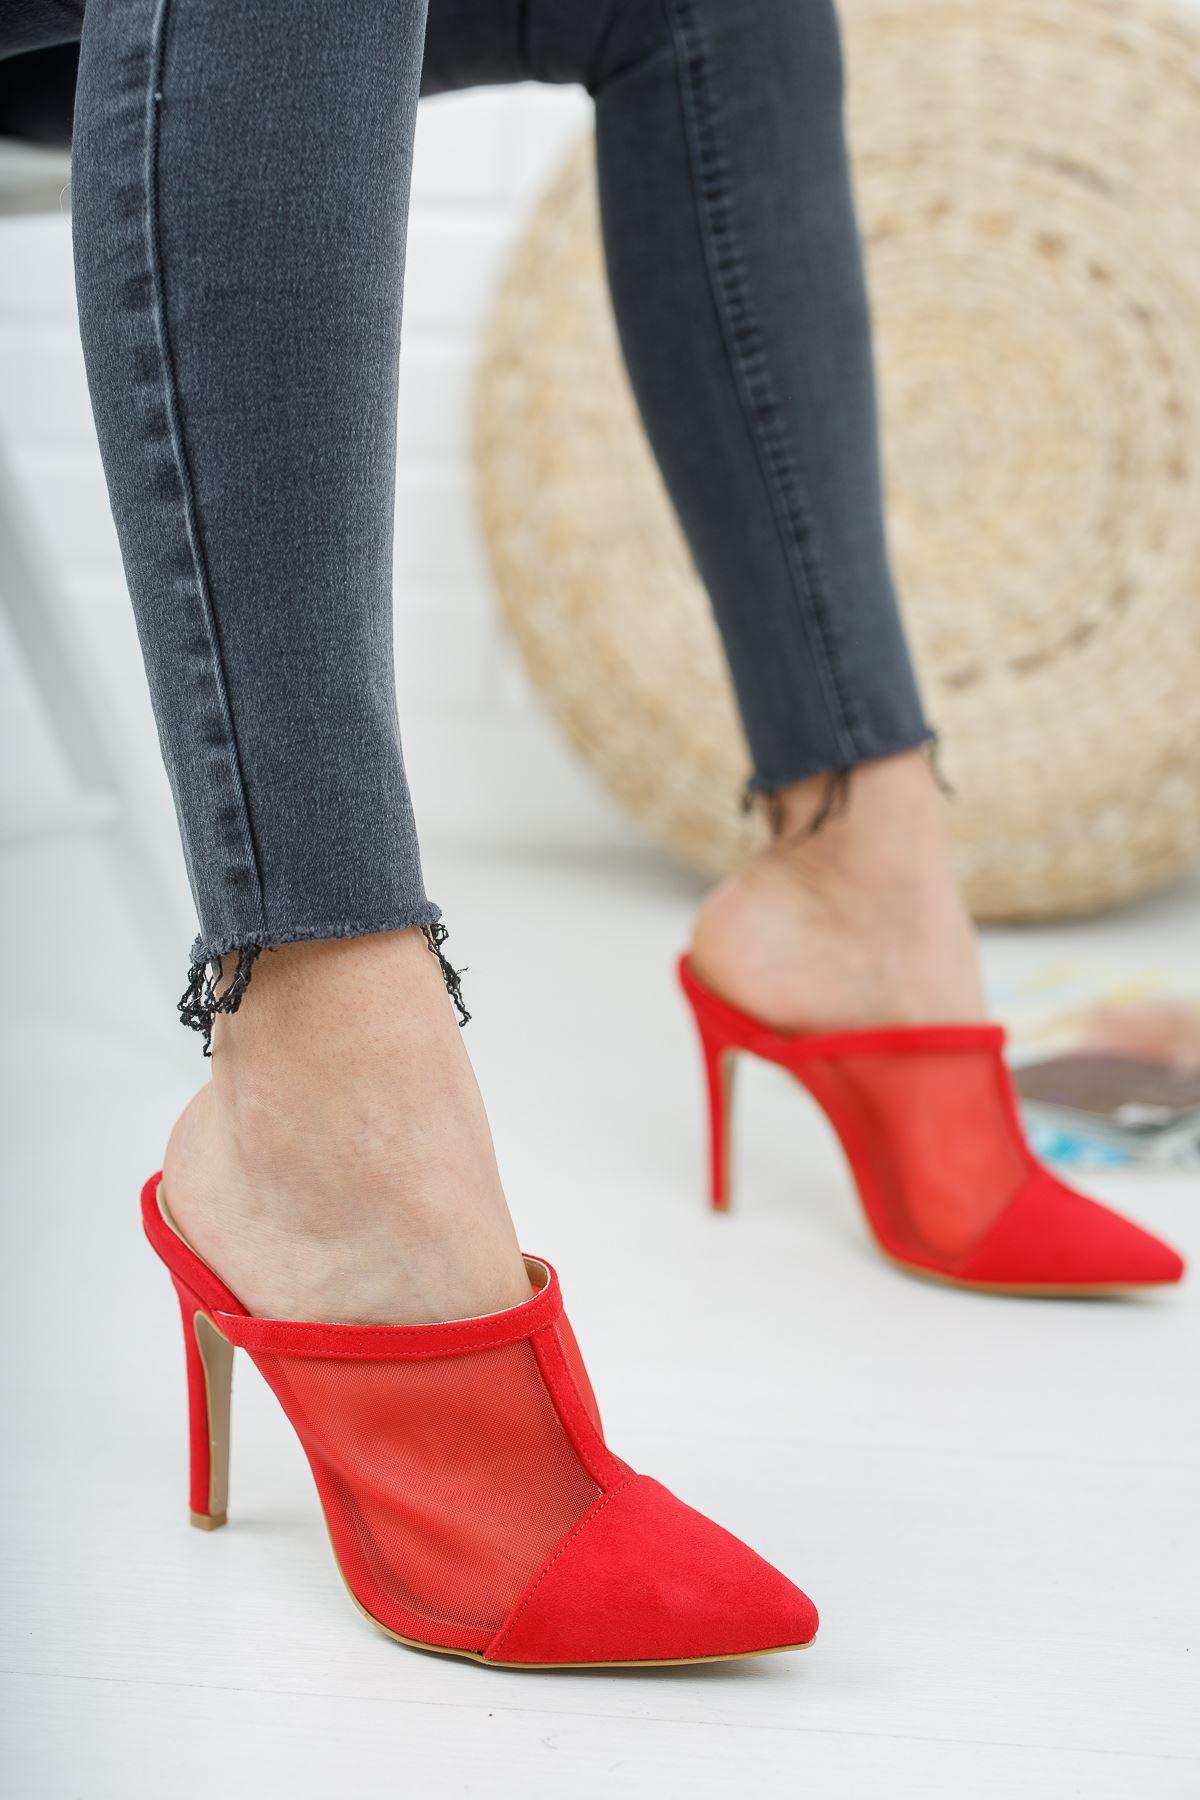 İlevas Kırmızı Süet Kırmızı Fileli Topuklu Kadın Terlik